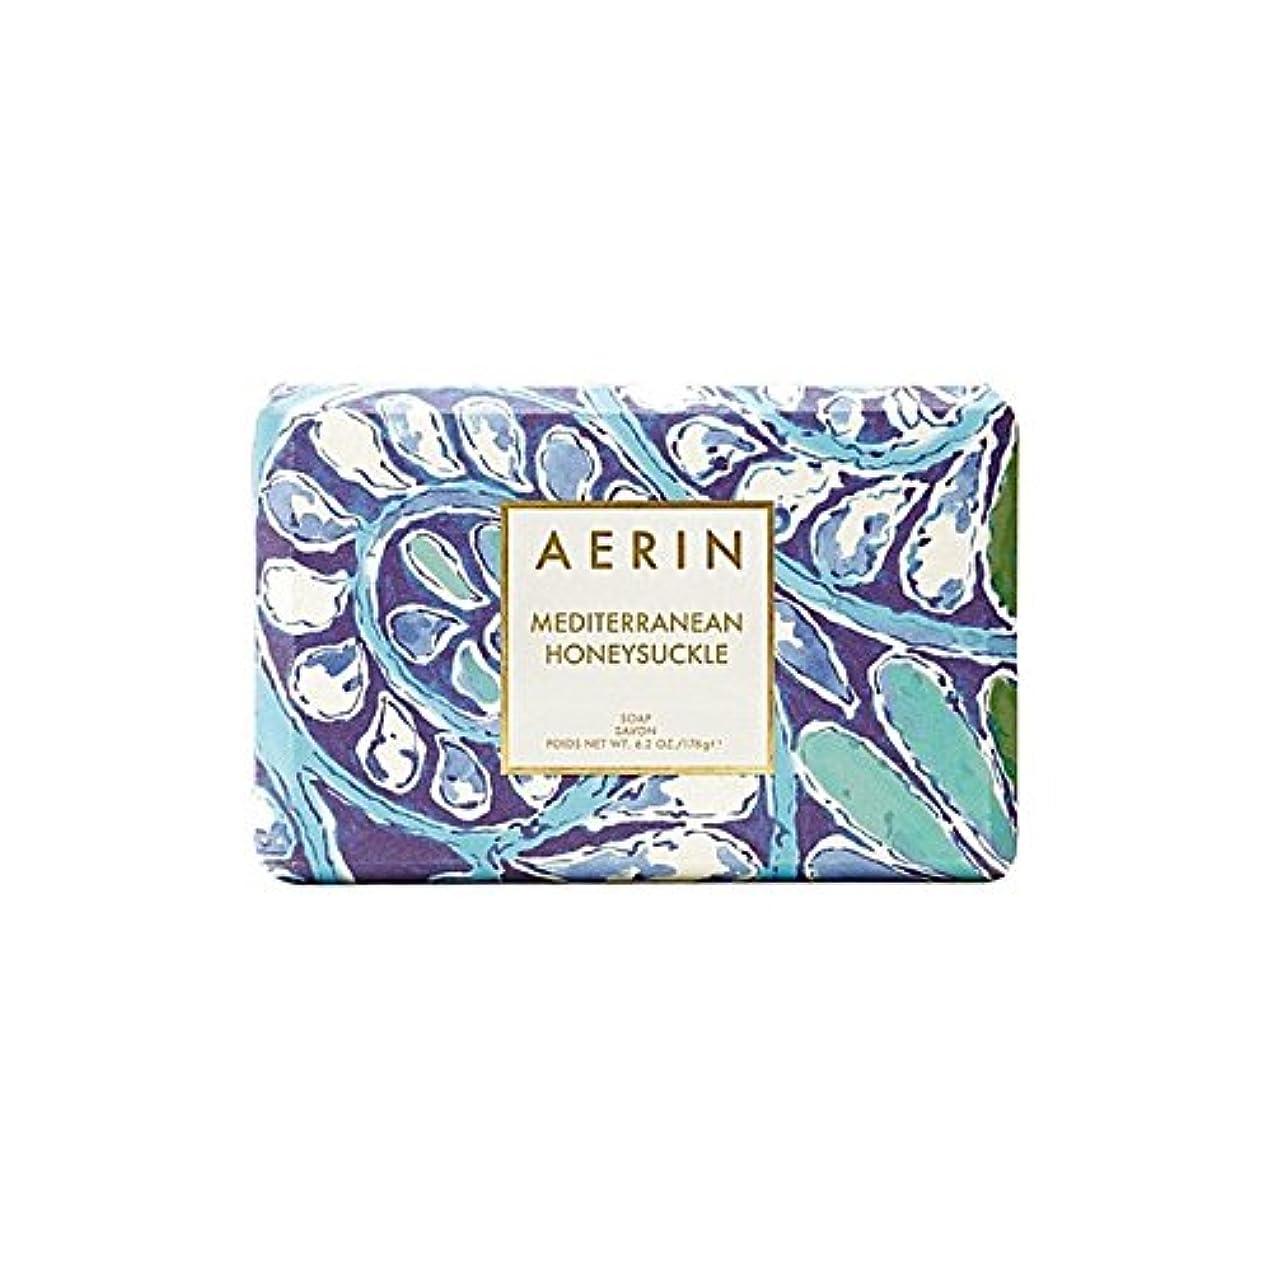 繕うパリティほかにスイカズラ固形石鹸176グラム x4 - Aerin Mediterrenean Honeysuckle Bar Soap 176G (Pack of 4) [並行輸入品]